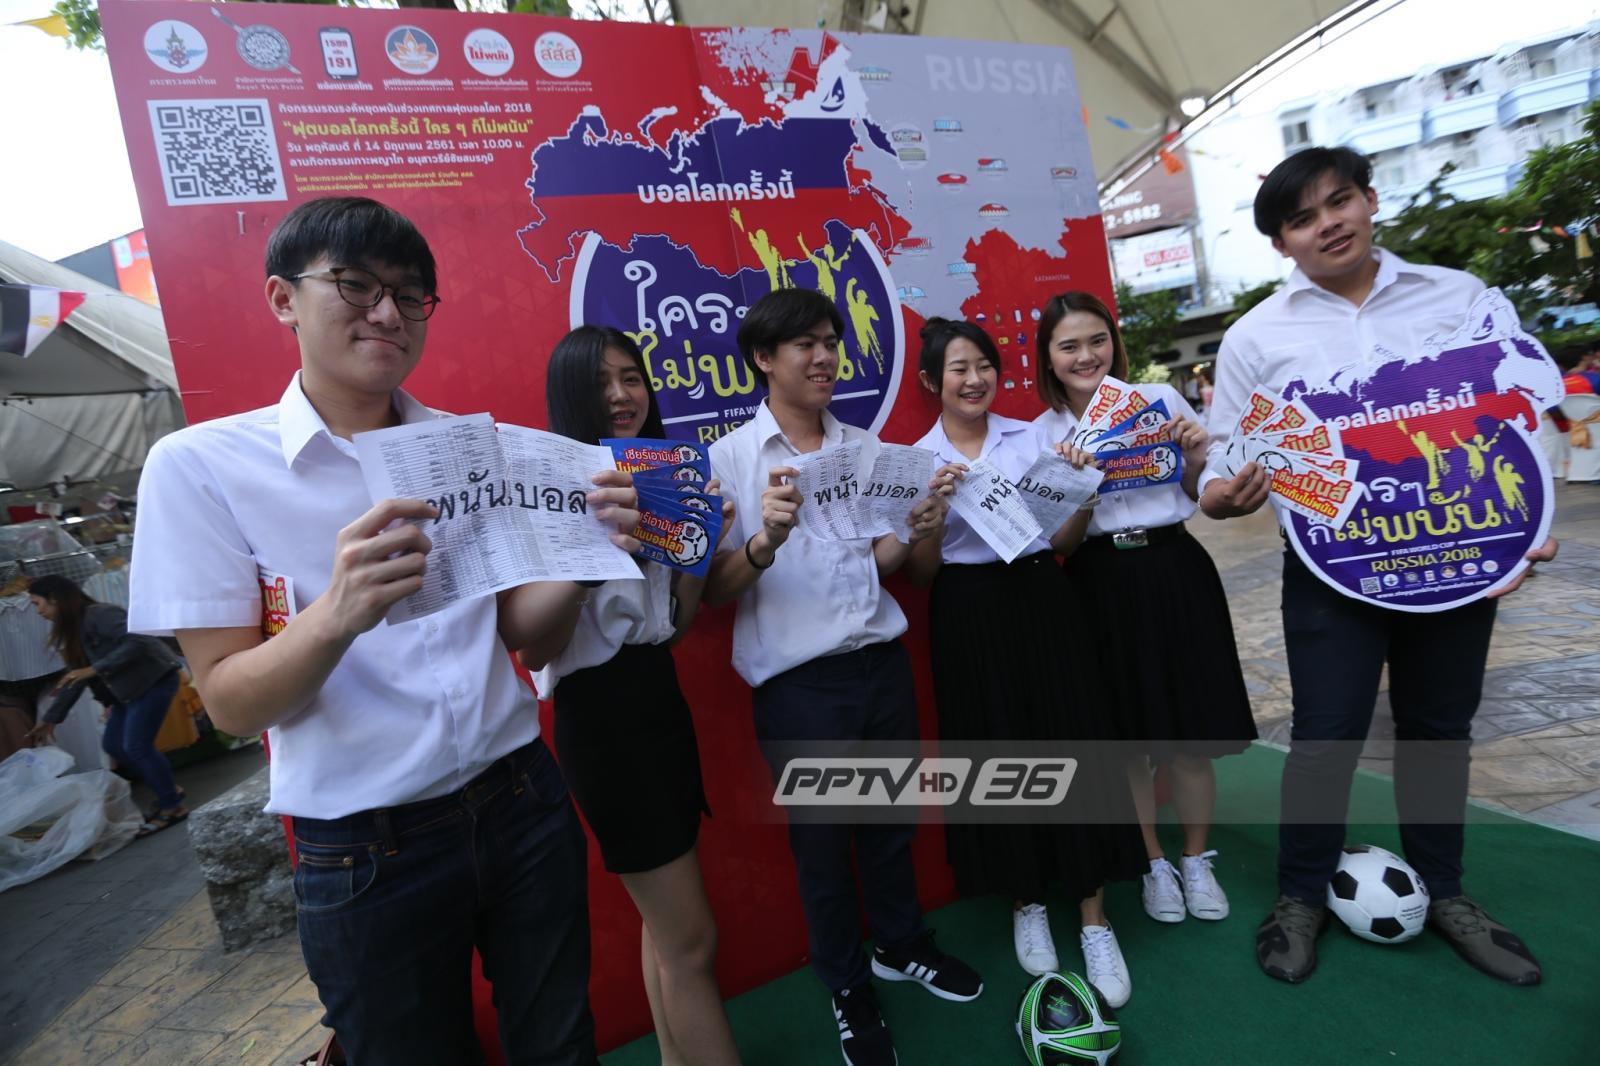 สสส.เผยคนไทยเล่นพนันบอล 2.4 ล้านคน พบเยาวชนสูงอันดับ 1